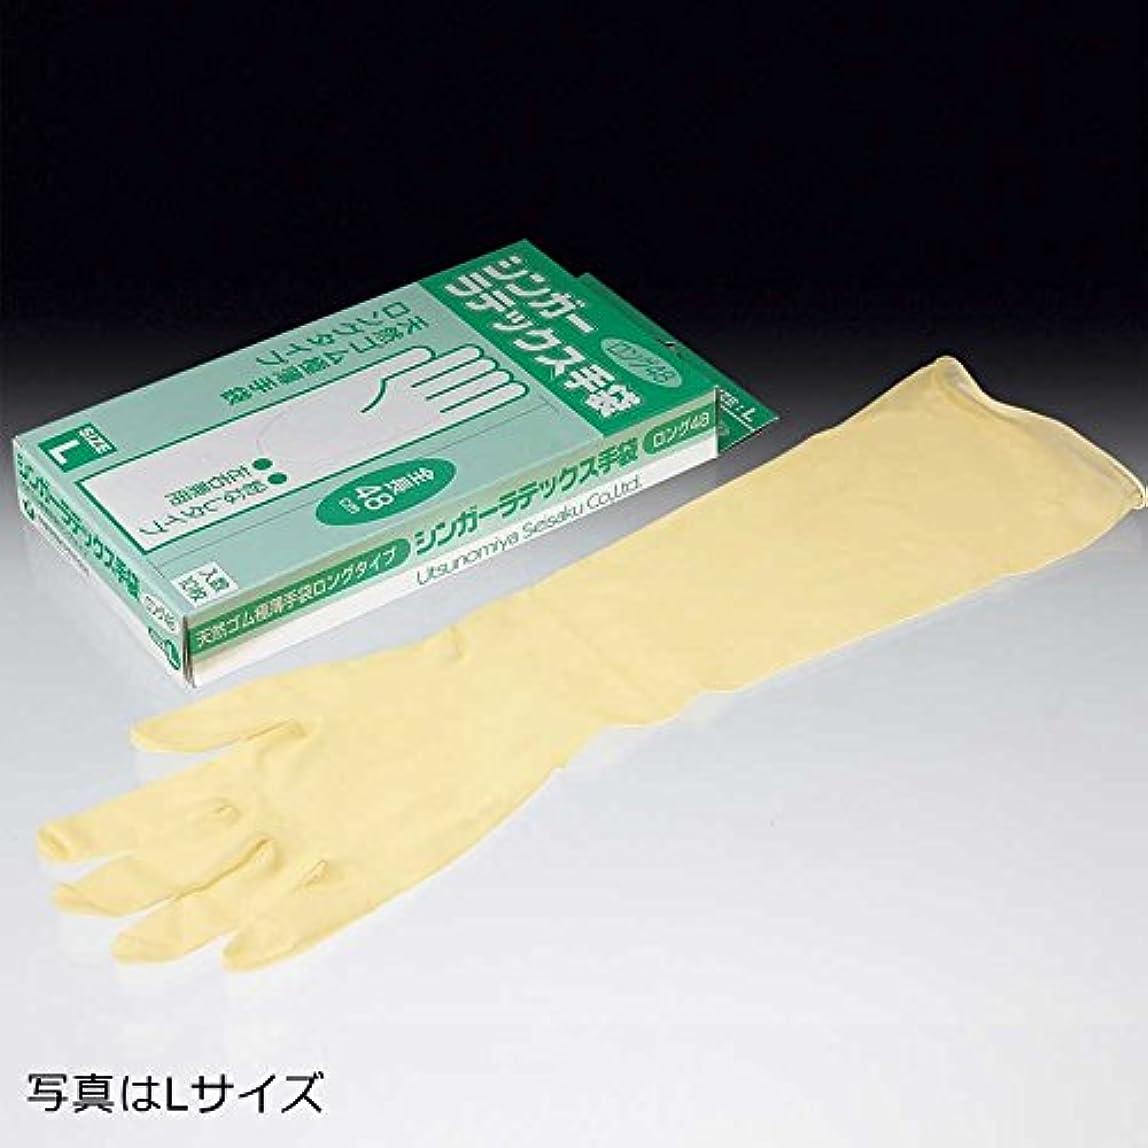 苦しめる適合しましたオールシンガーラテックス手袋ロング48 使い捨て手袋 粉なし全長48cm200枚(10枚入り20箱) (M)